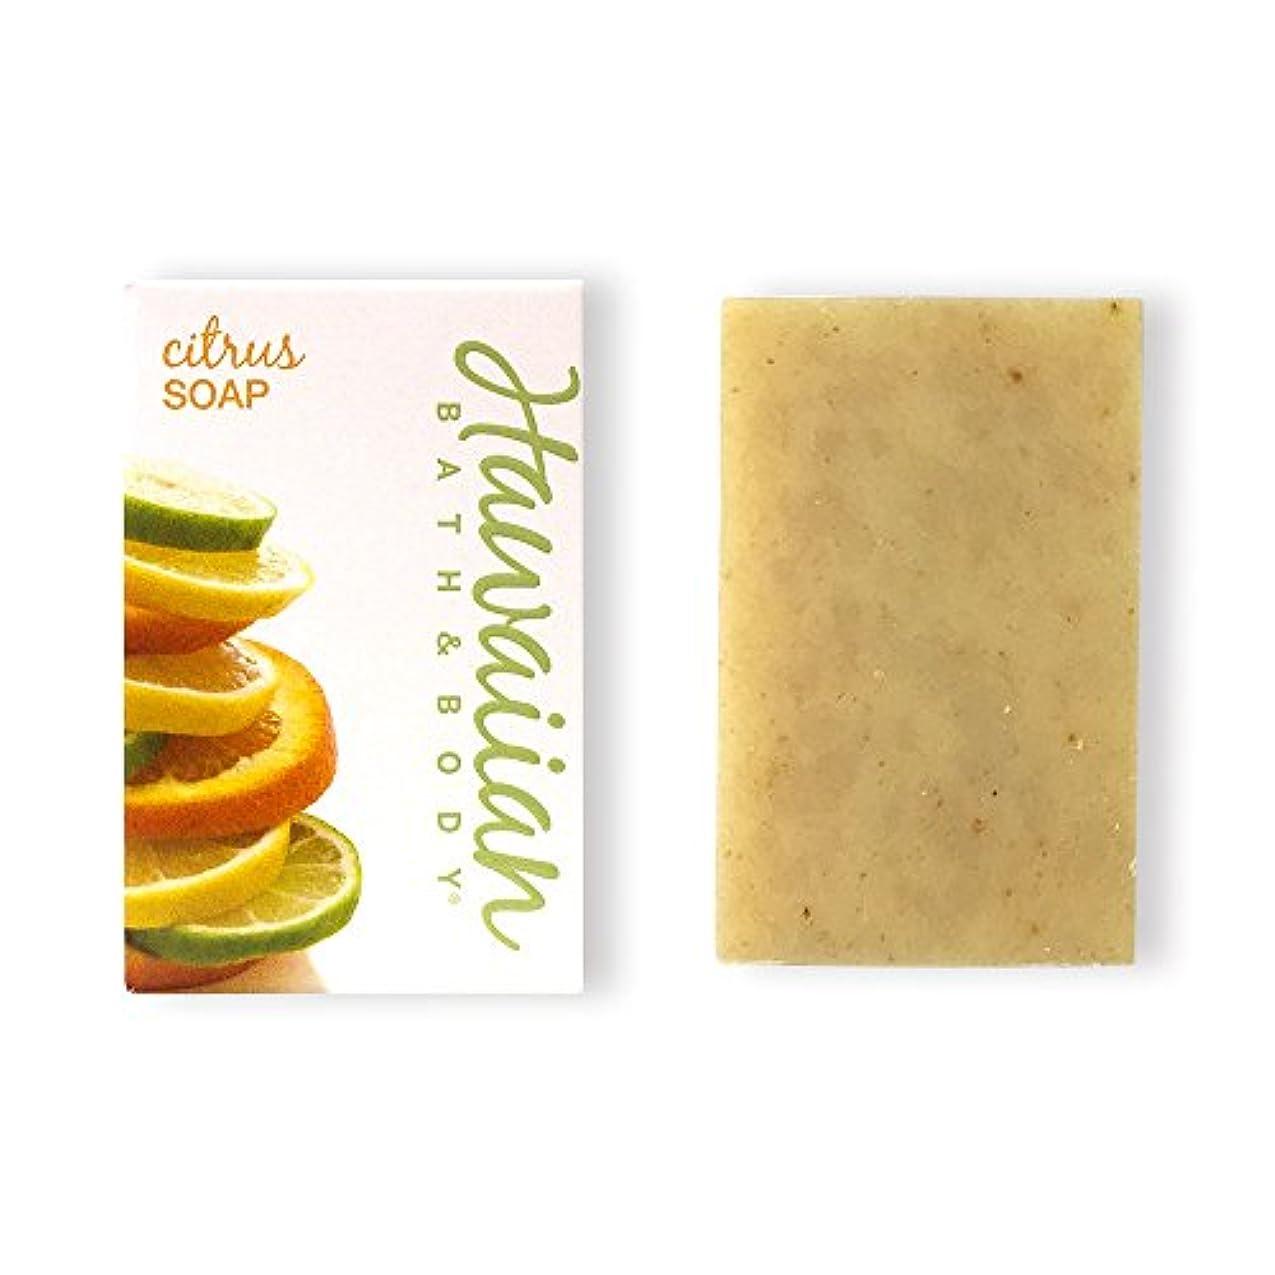 単なるハイランド間違いハワイアンバス&ボディ ハワイアン?シトラスソープ( Citrus Soap )